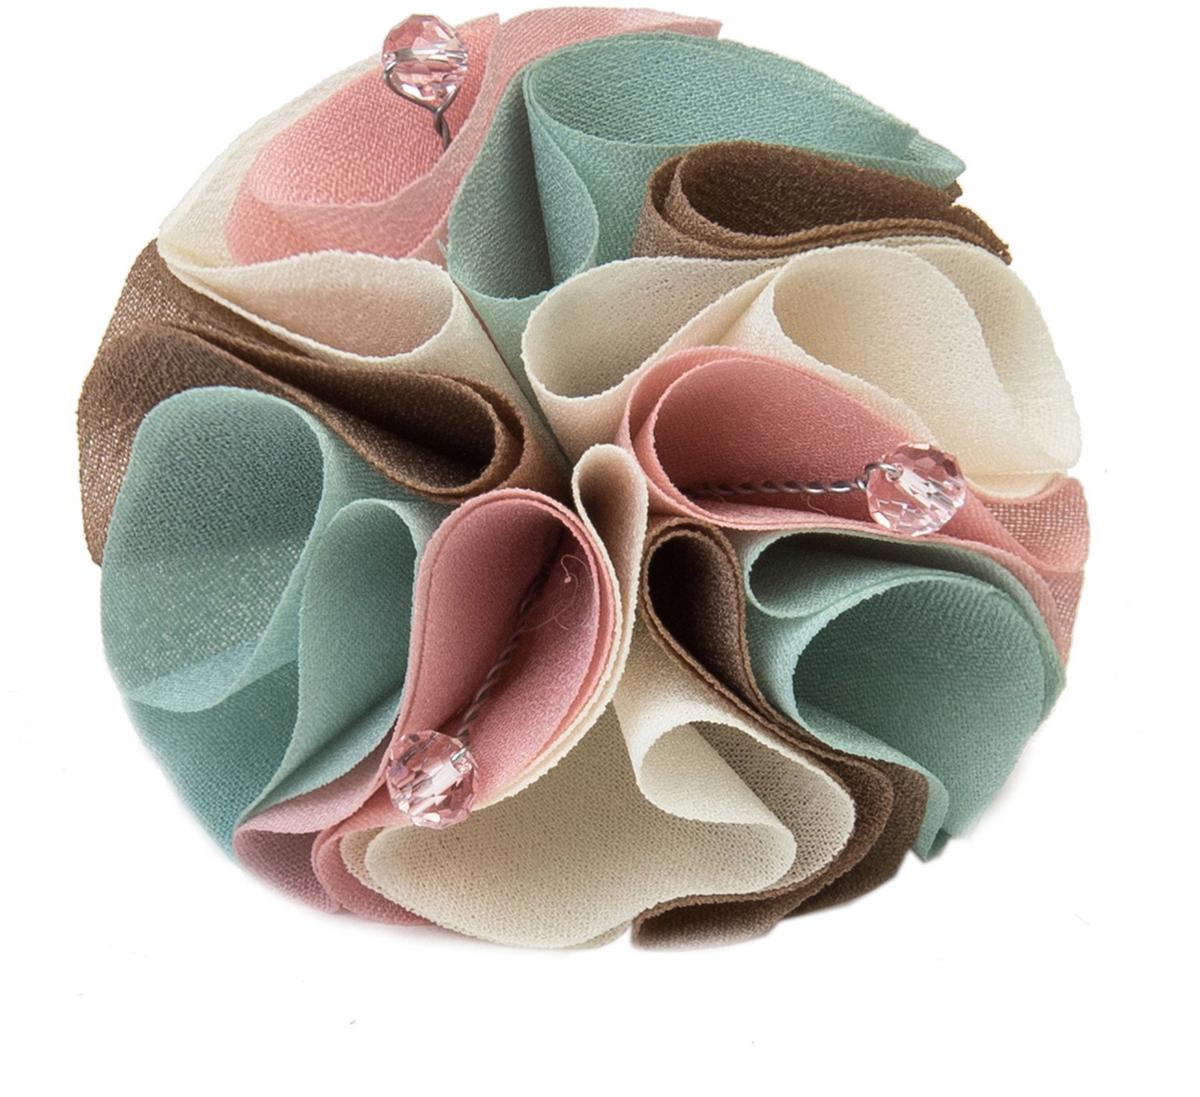 Резинка для волос Malina By Андерсен Мармелад, цвет: мятный. 31612рб33 malina by андерсен цепочка